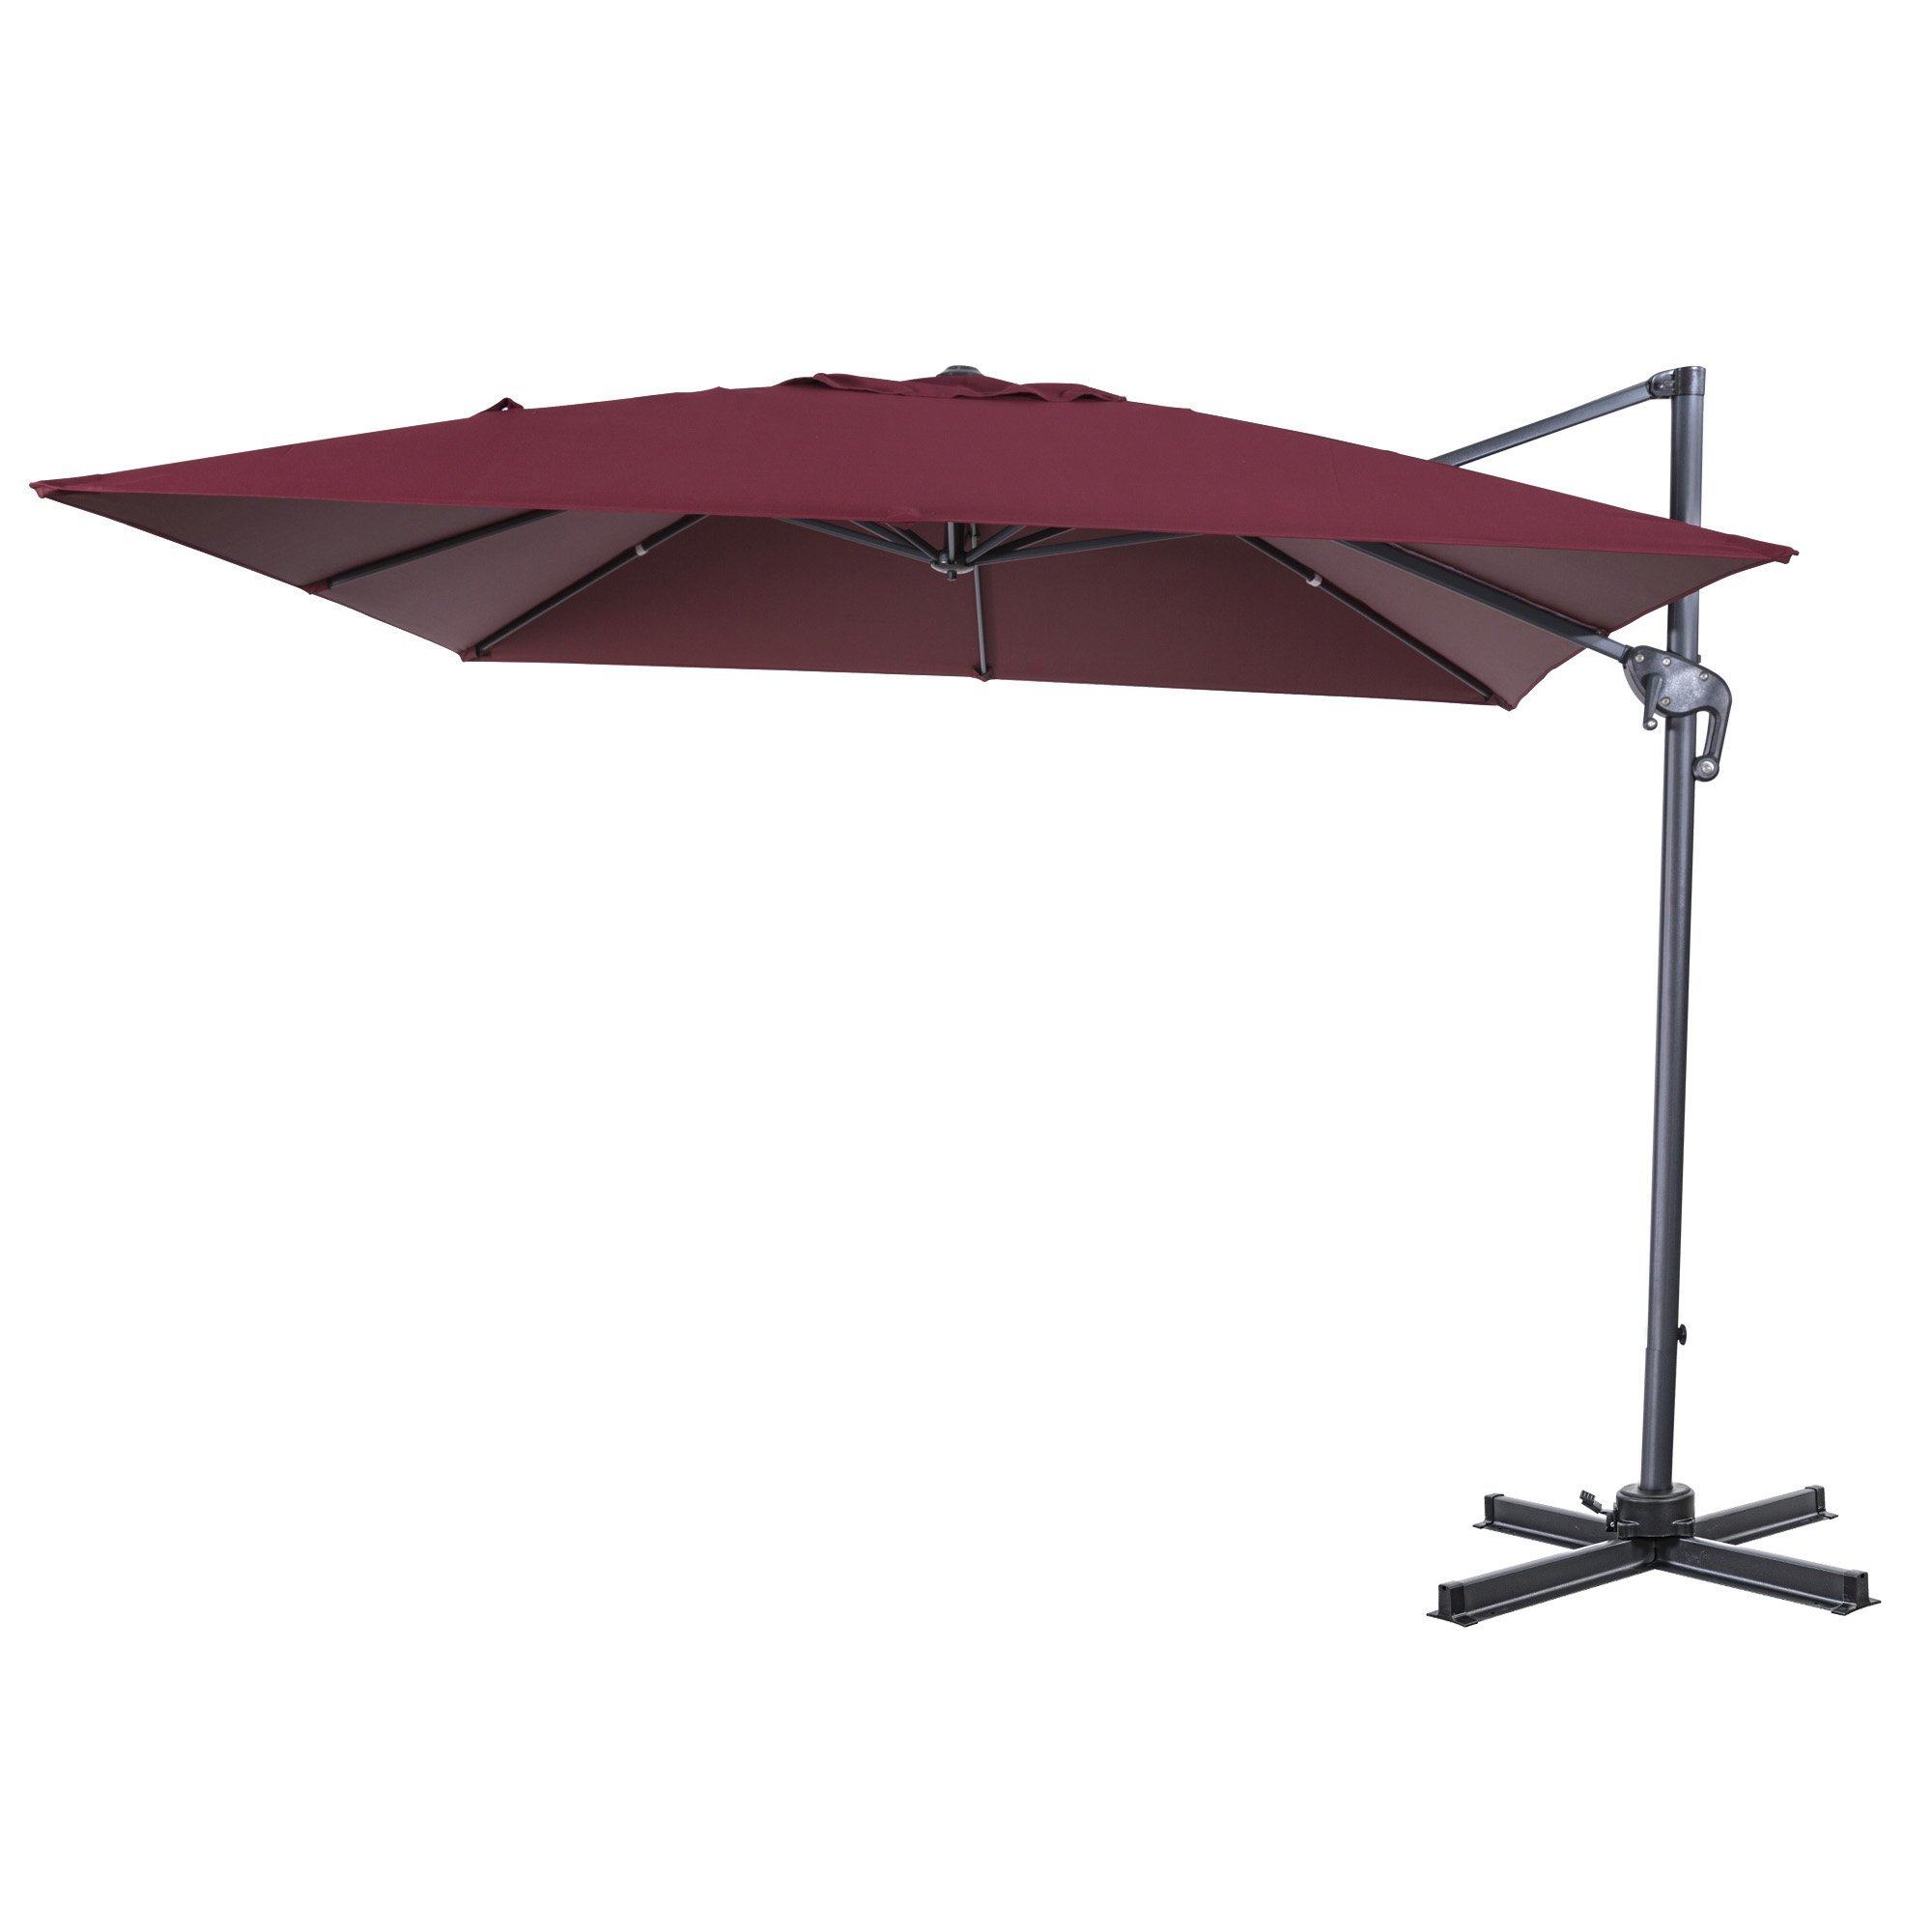 Elmhur Patio Offset 10' Cantilever Umbrella Within Preferred Booneville Cantilever Umbrellas (Gallery 11 of 20)